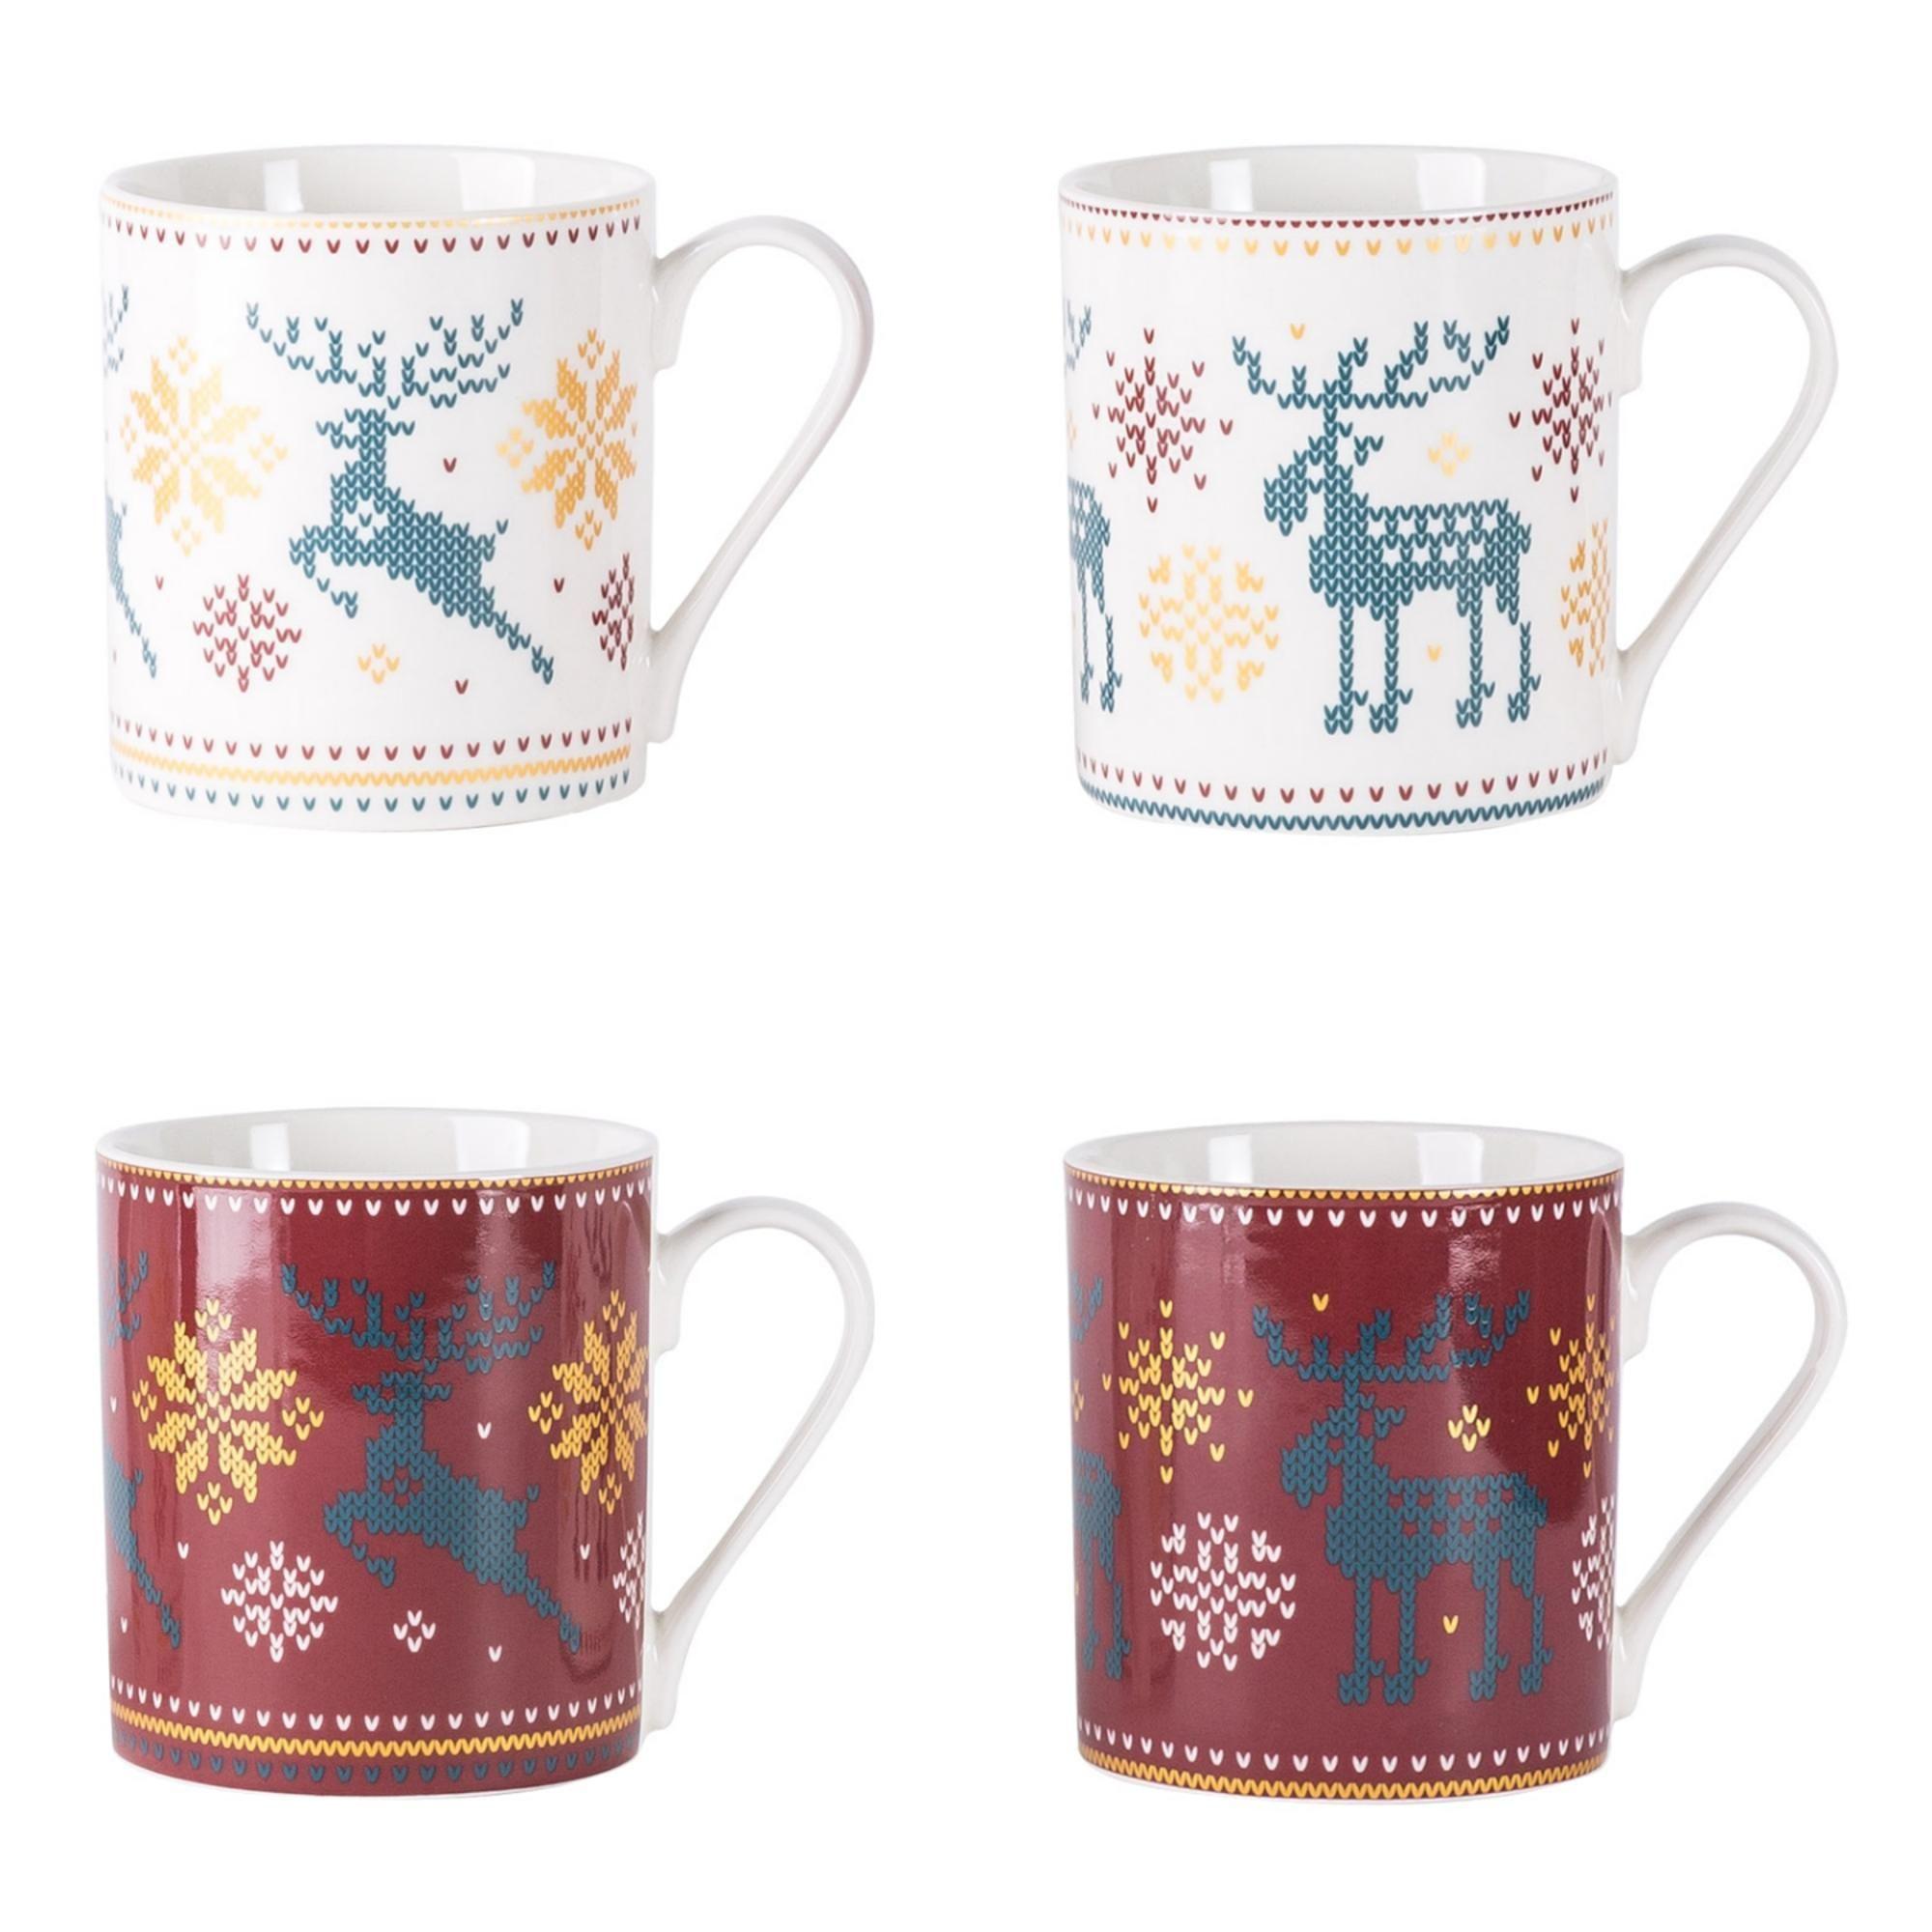 Hunan RSLEE Ceramics Co., Ltd